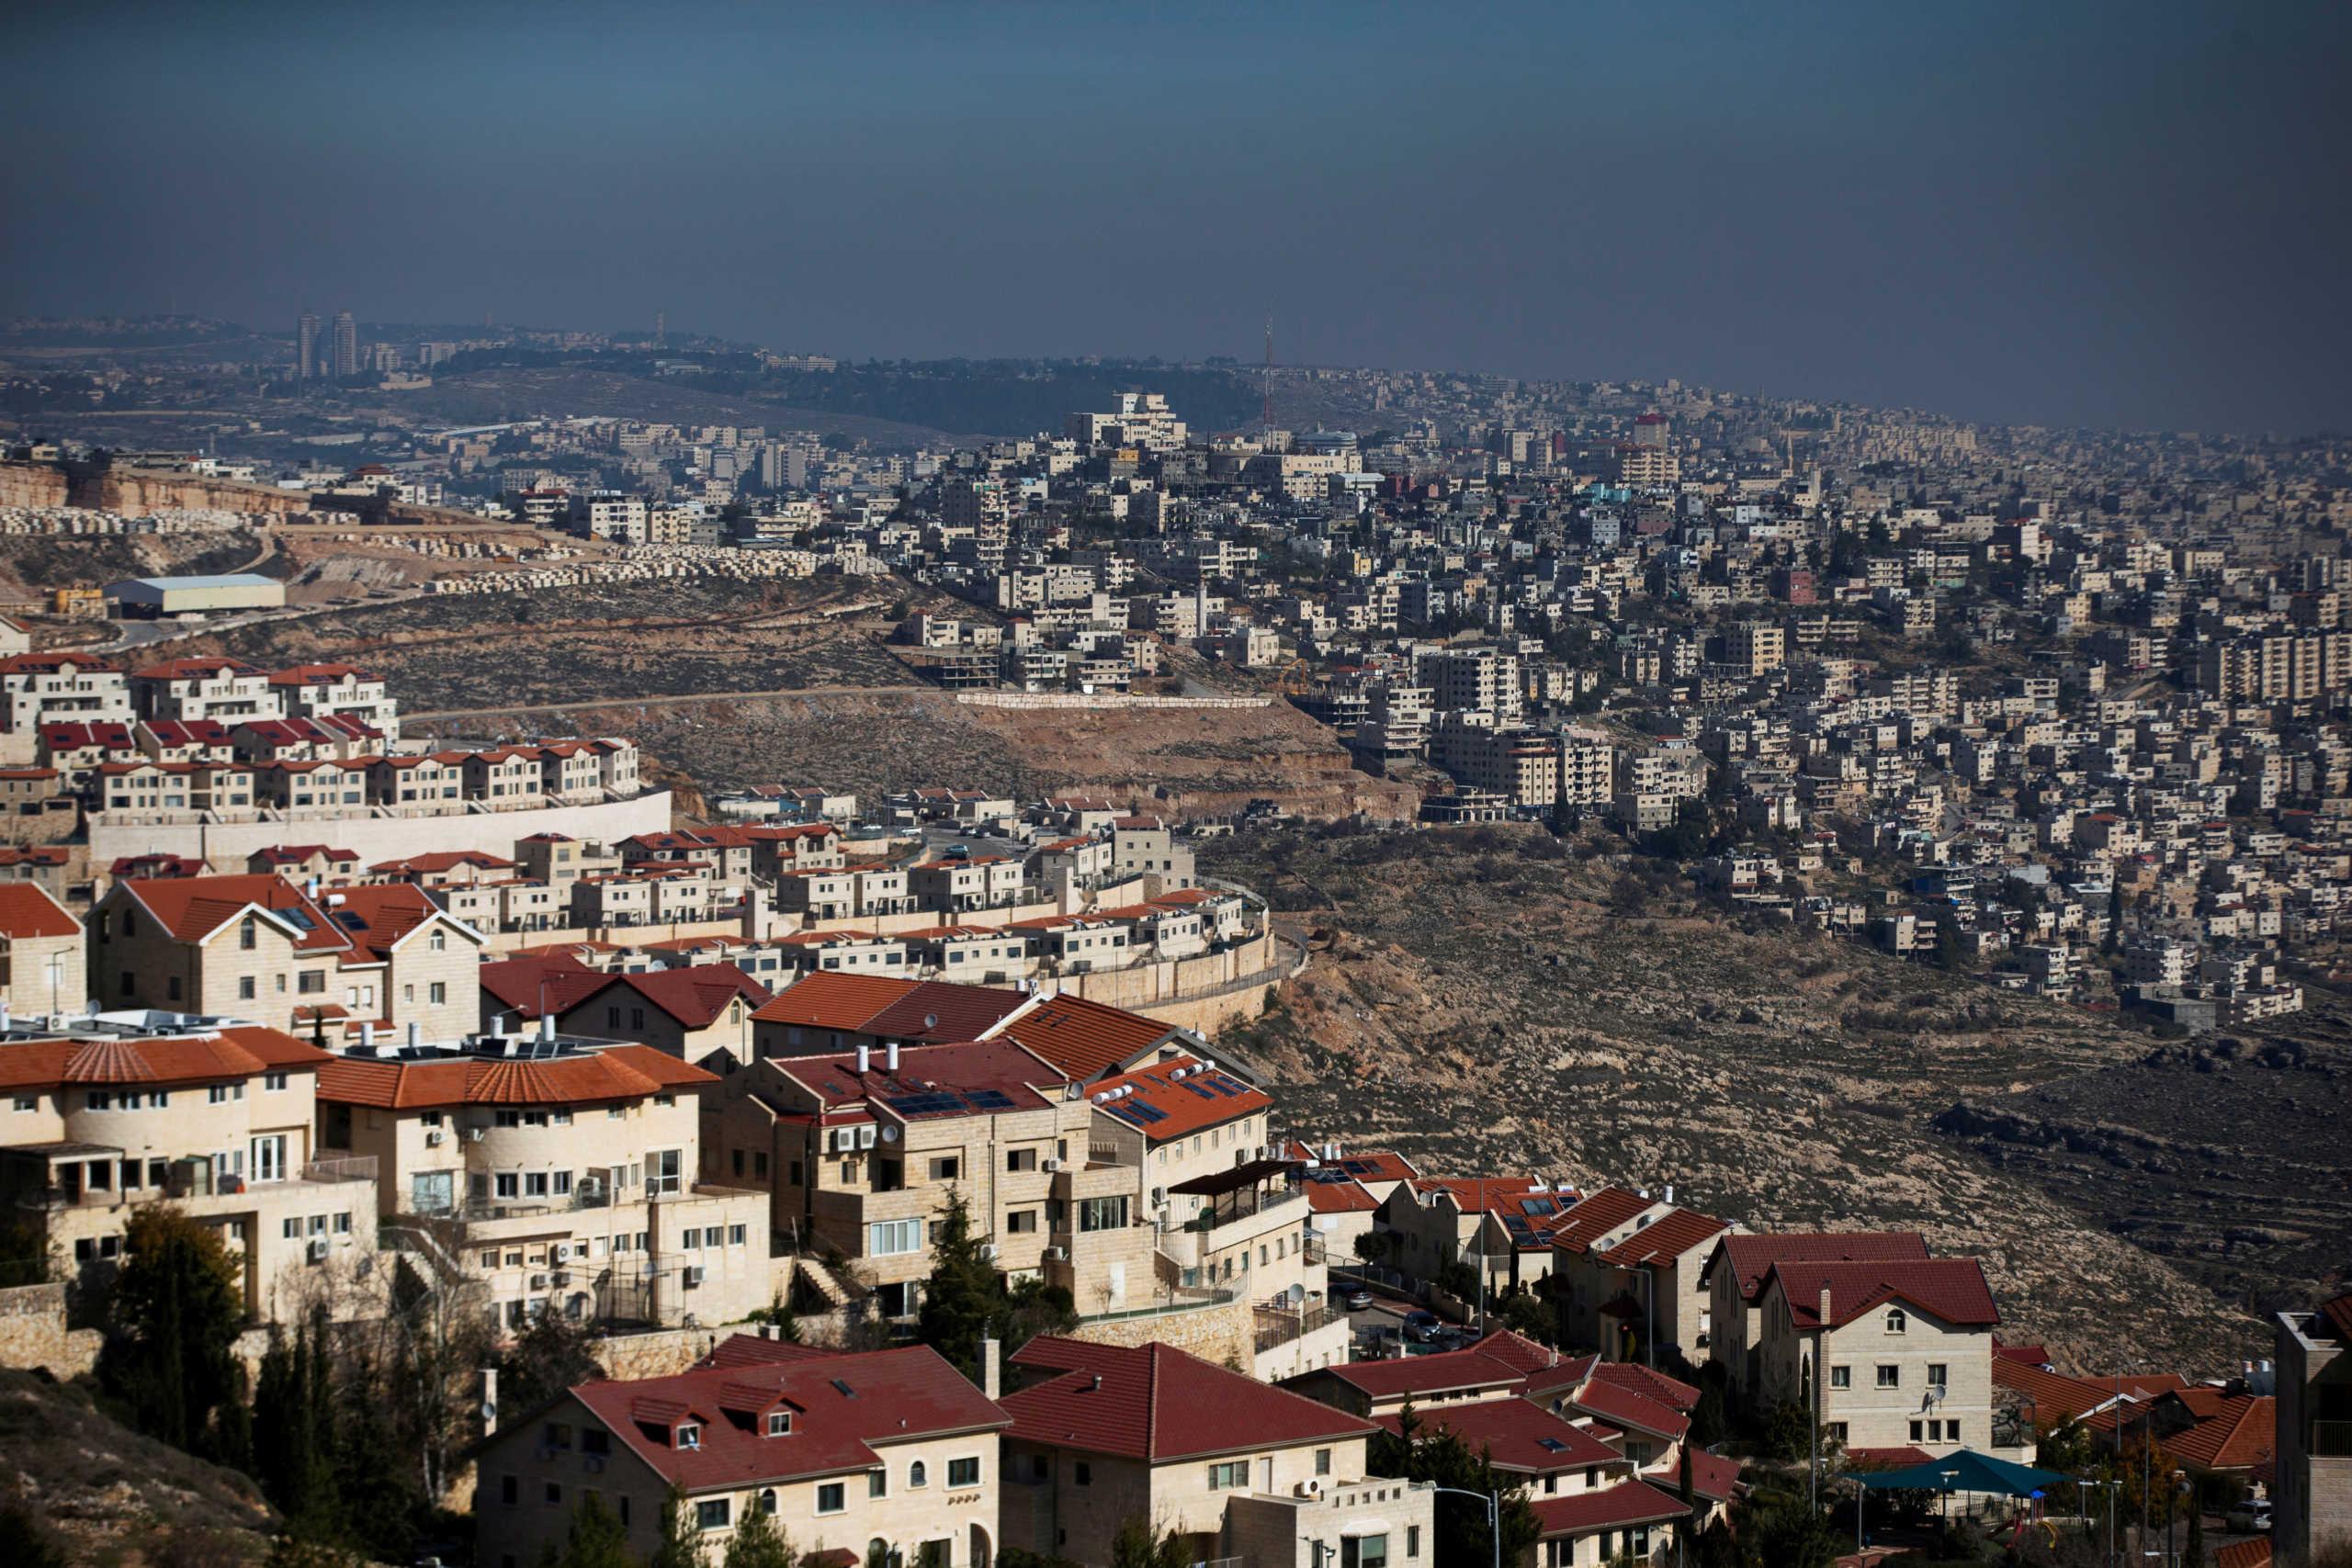 Η Ιορδανία προειδοποιεί το Ισραήλ για την προσάρτηση Παλαιστινιακών εδαφών